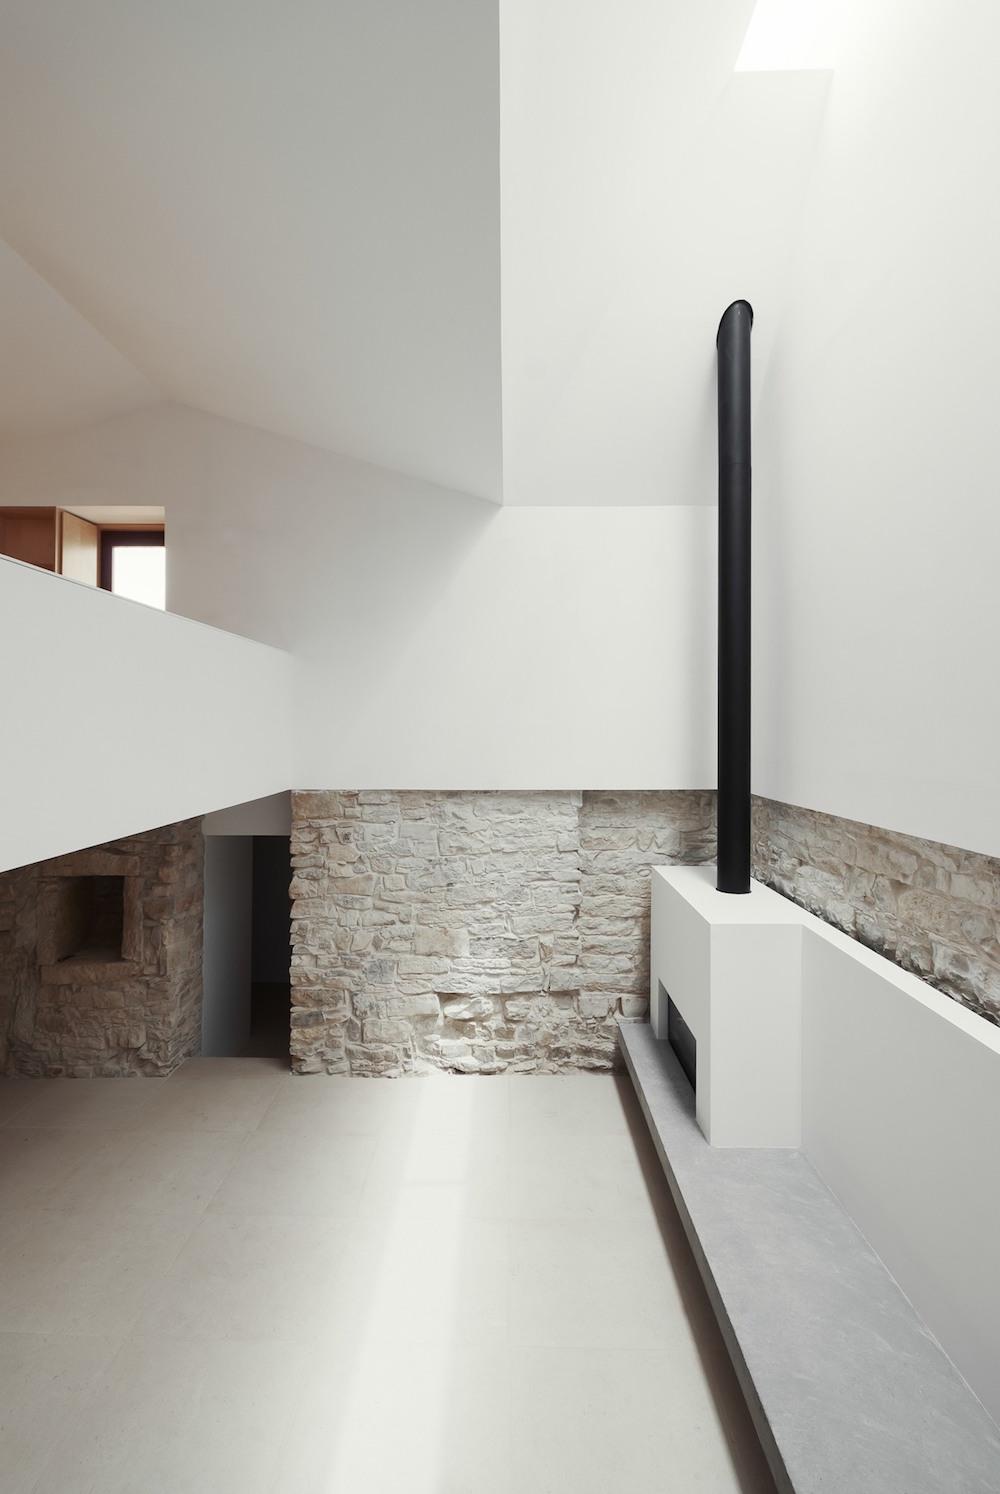 high-ceilings-interiors-oracle-fox-12.house-serra-de-janeanes-joao-branco-oracle-fox